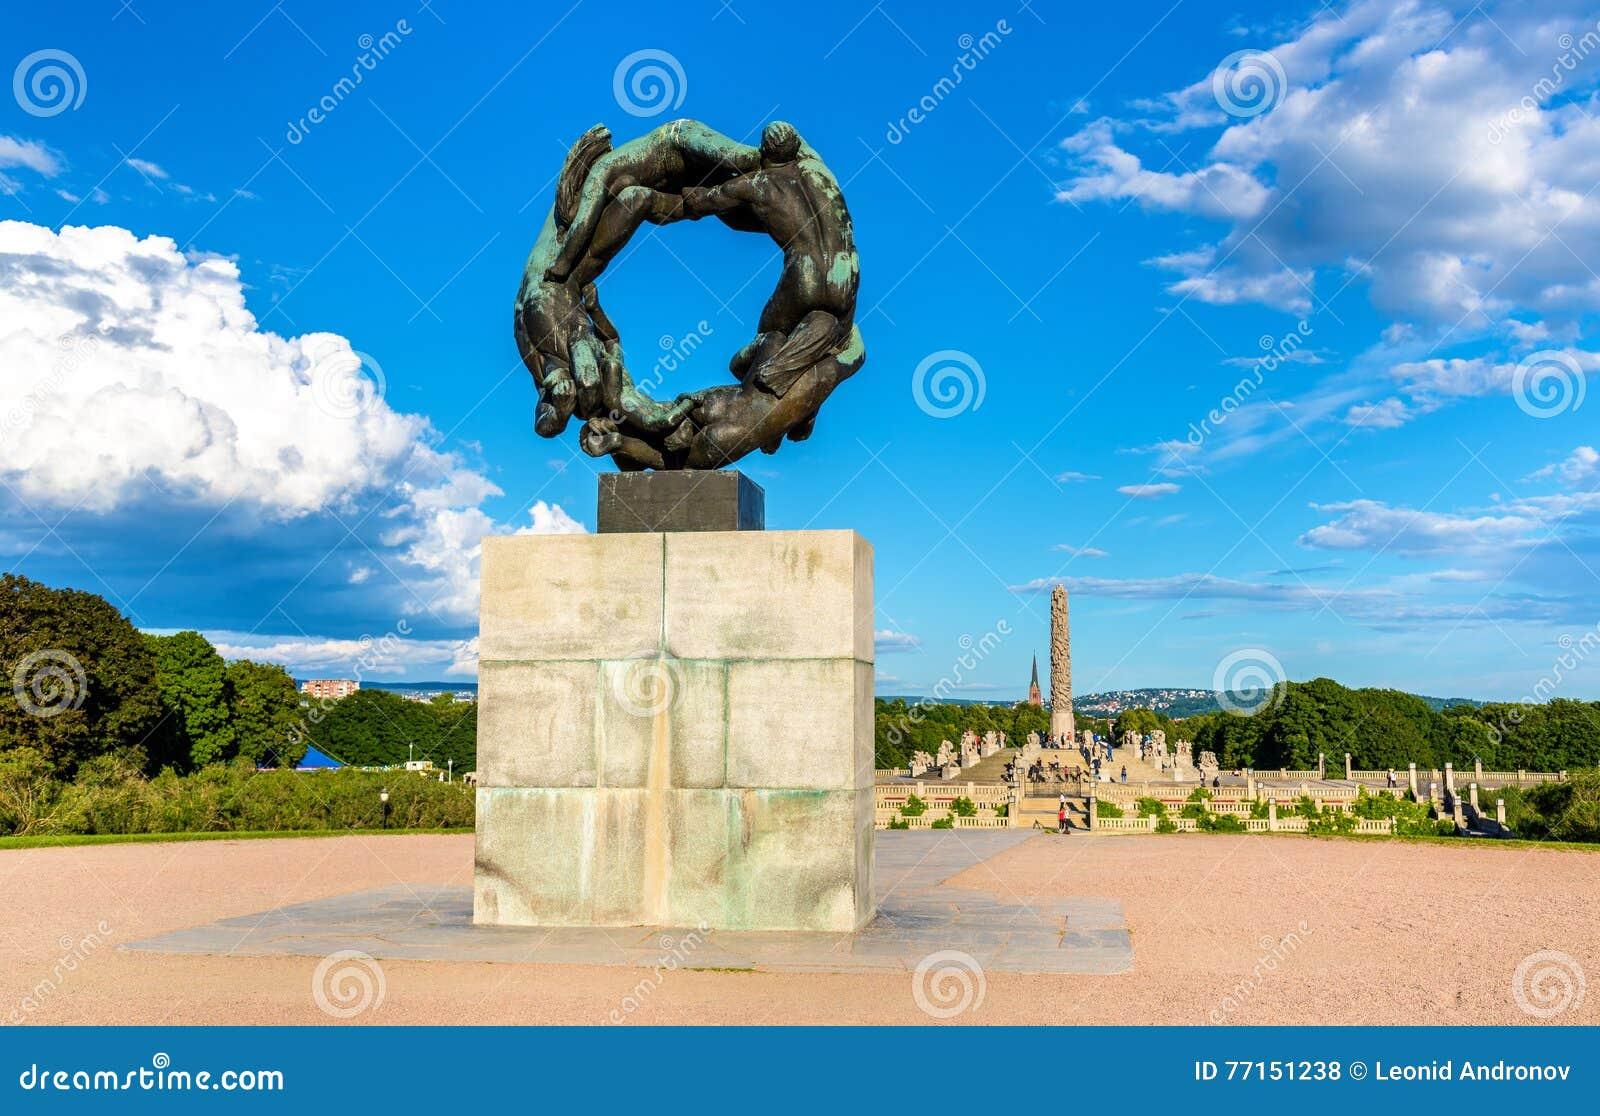 Roue de sculpture en vie en parc de Frogner - Oslo